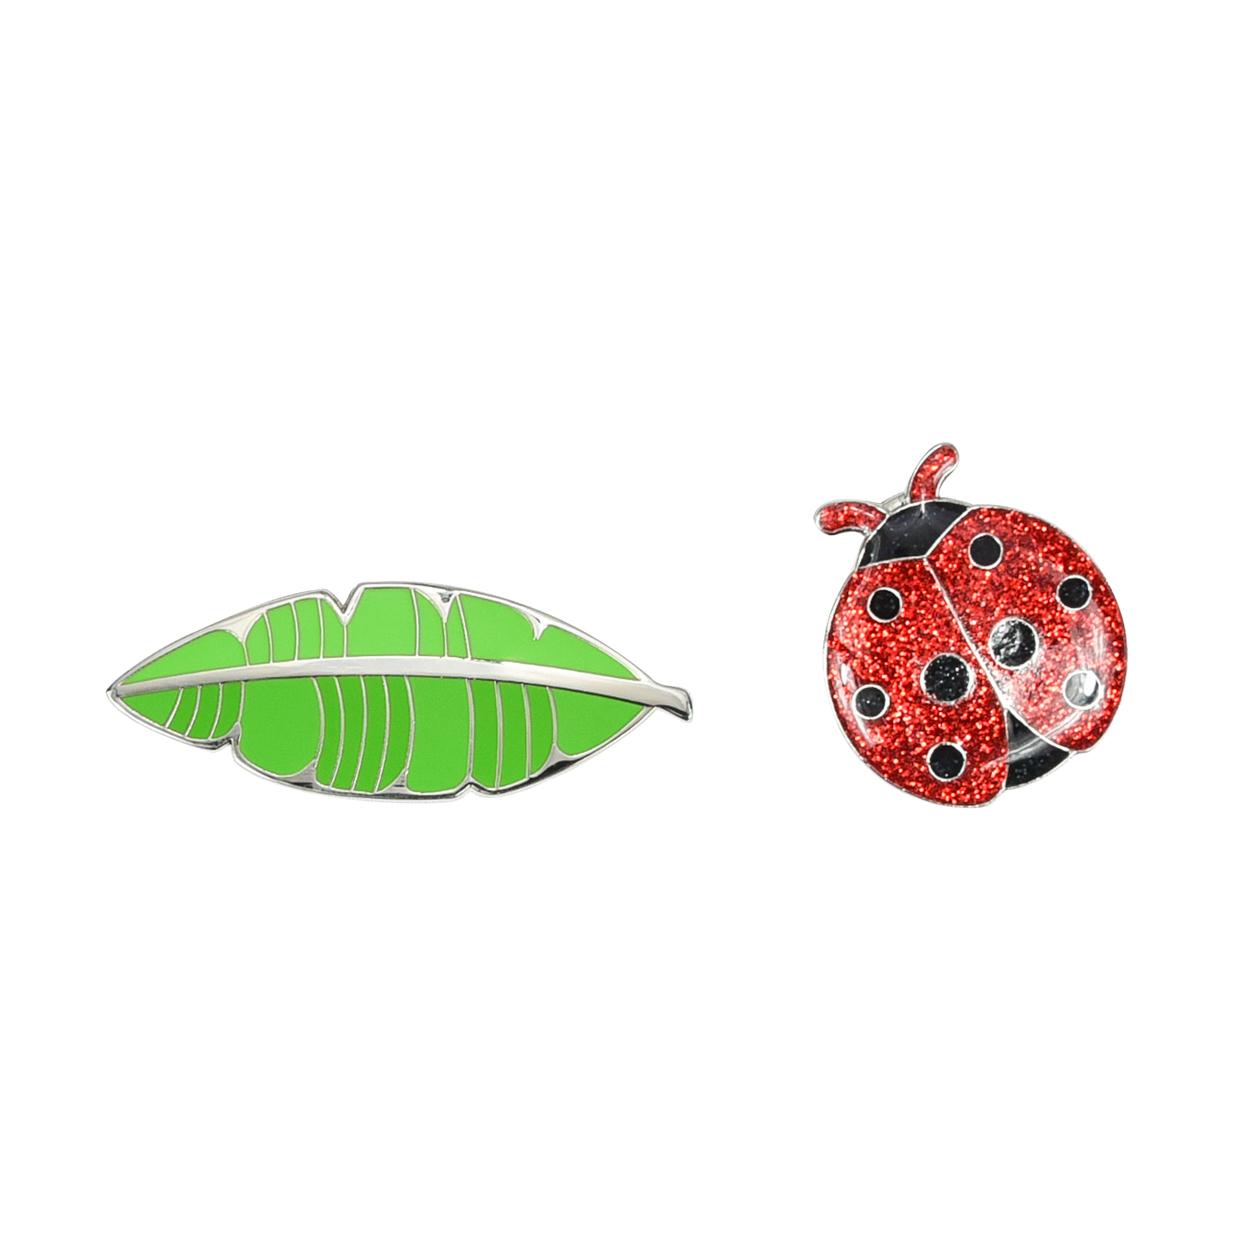 239. Lady Bug Shoe Marker